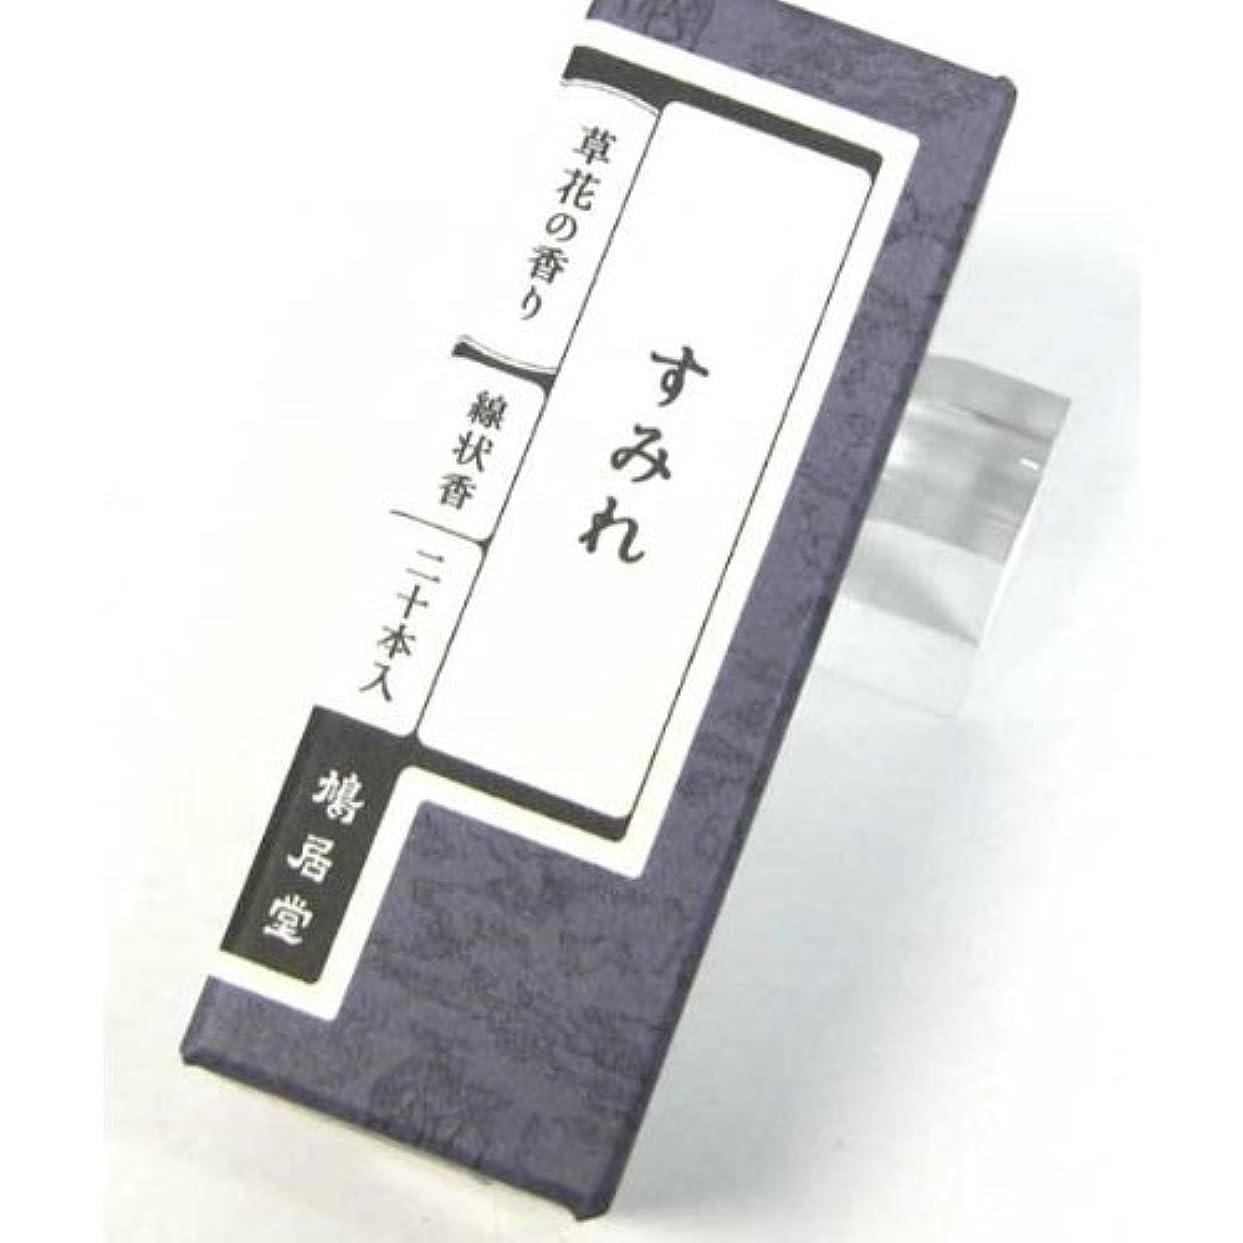 取り組むストレンジャーフォーマル鳩居堂 お香 すみれ/菫 草花の香りシリーズ スティックタイプ(棒状香)20本いり